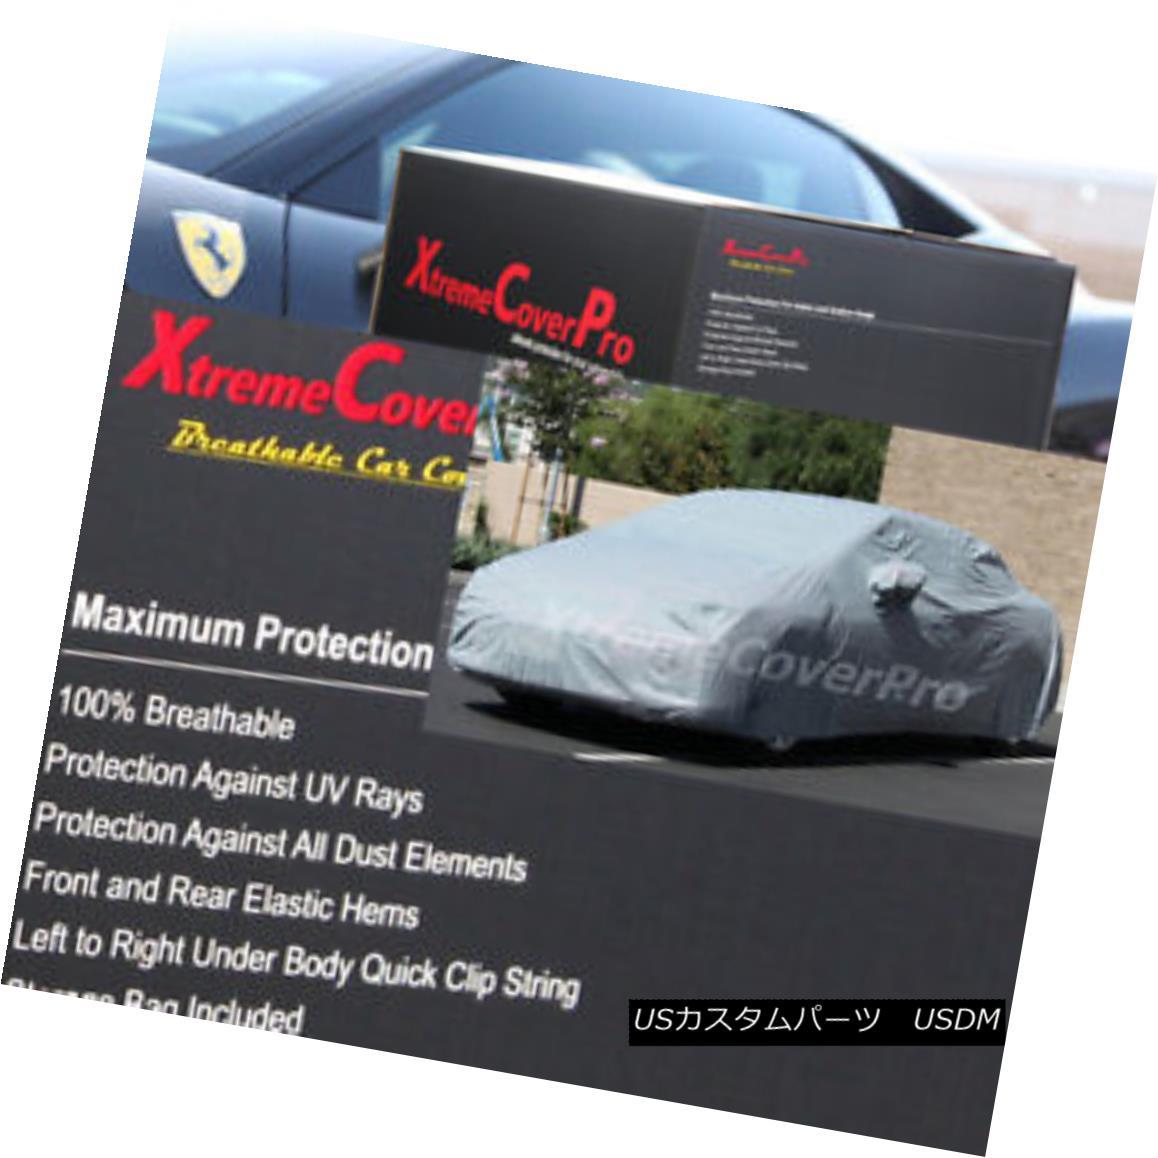 カーカバー BREATHABLE CAR COVER W/MIRRORPOCKET-GREY FOR 2018 2017 2016 2015 NISSAN VERSA 2018年の2018年の2017年の2016年の2015年の2015年の日の目を見るためのブレイテイブルカーカバー/ミラーポケット -GREY